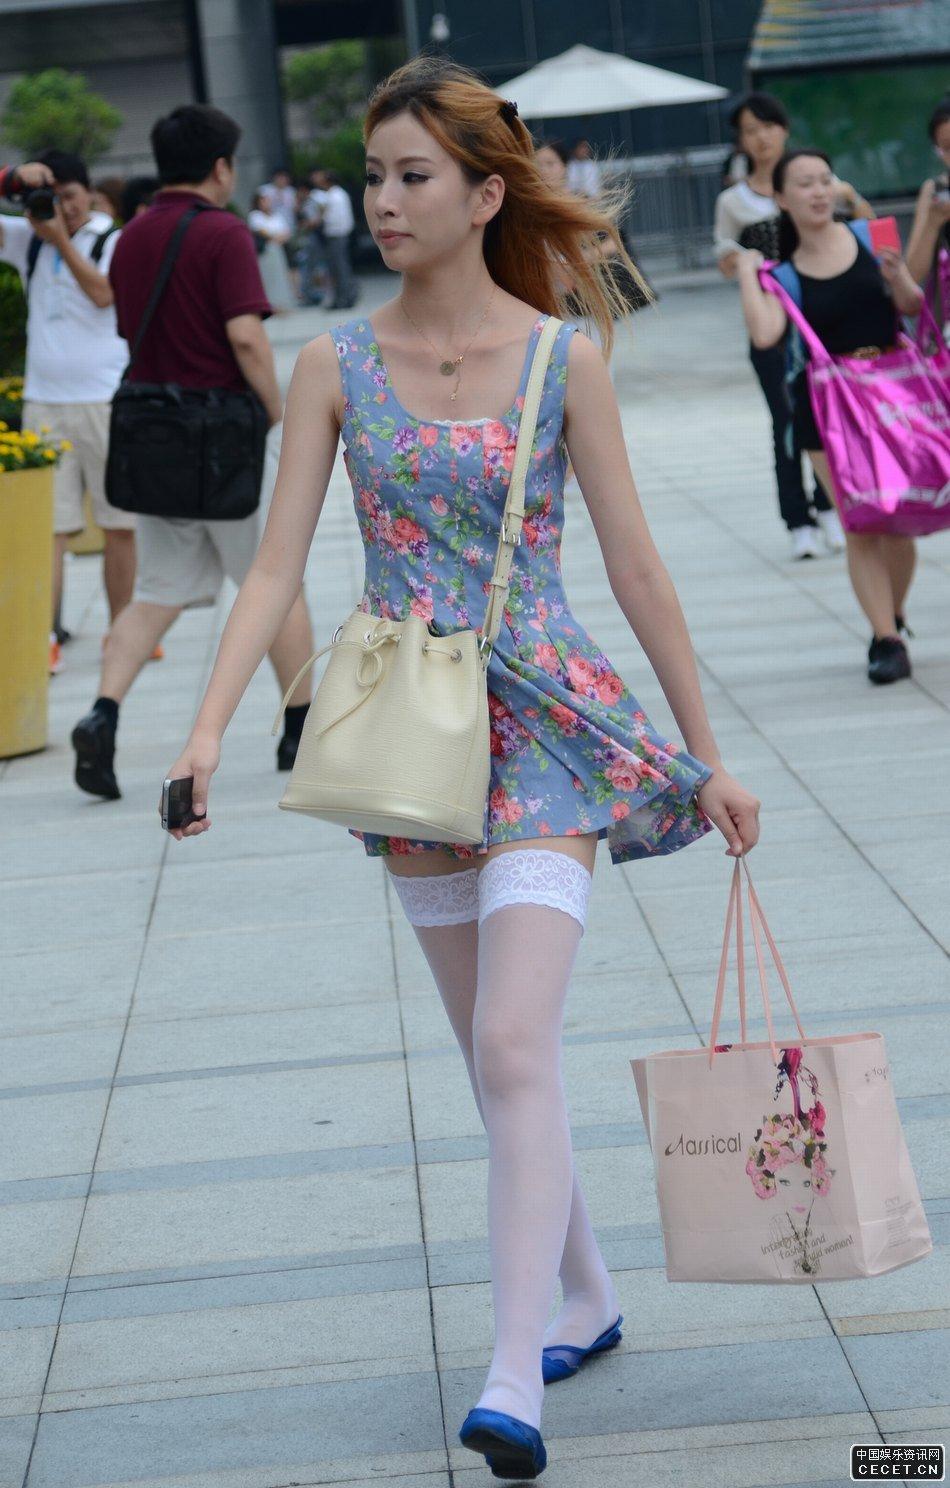 二次元白长筒袜美女